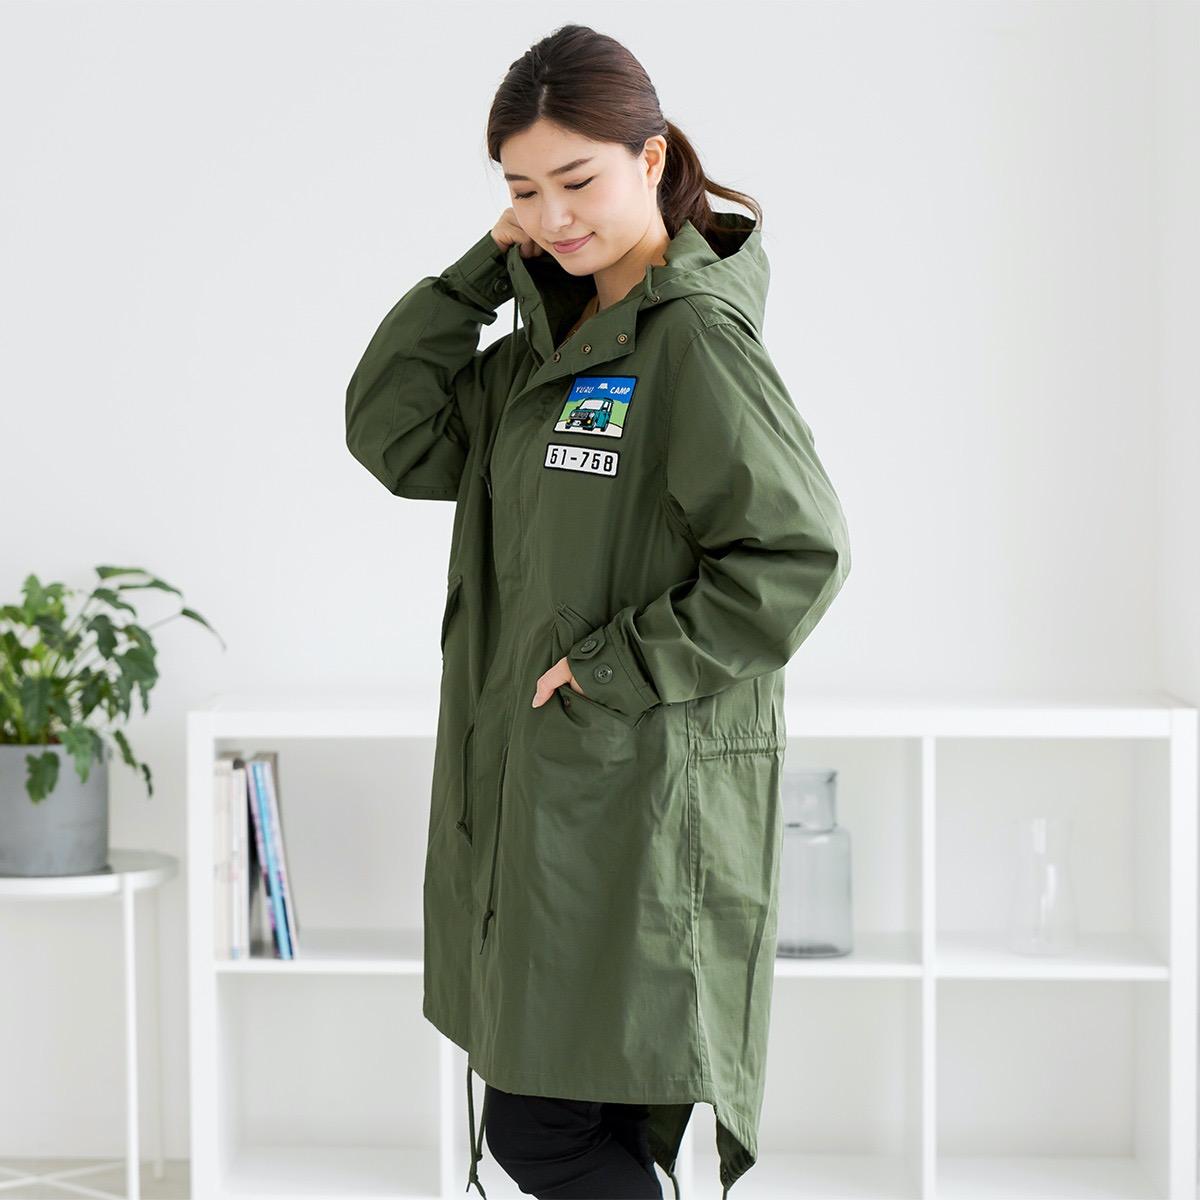 【ゆるキャン△】なでしこのお姉ちゃんのモッズコートがヴィレヴァンオンラインで発売開始